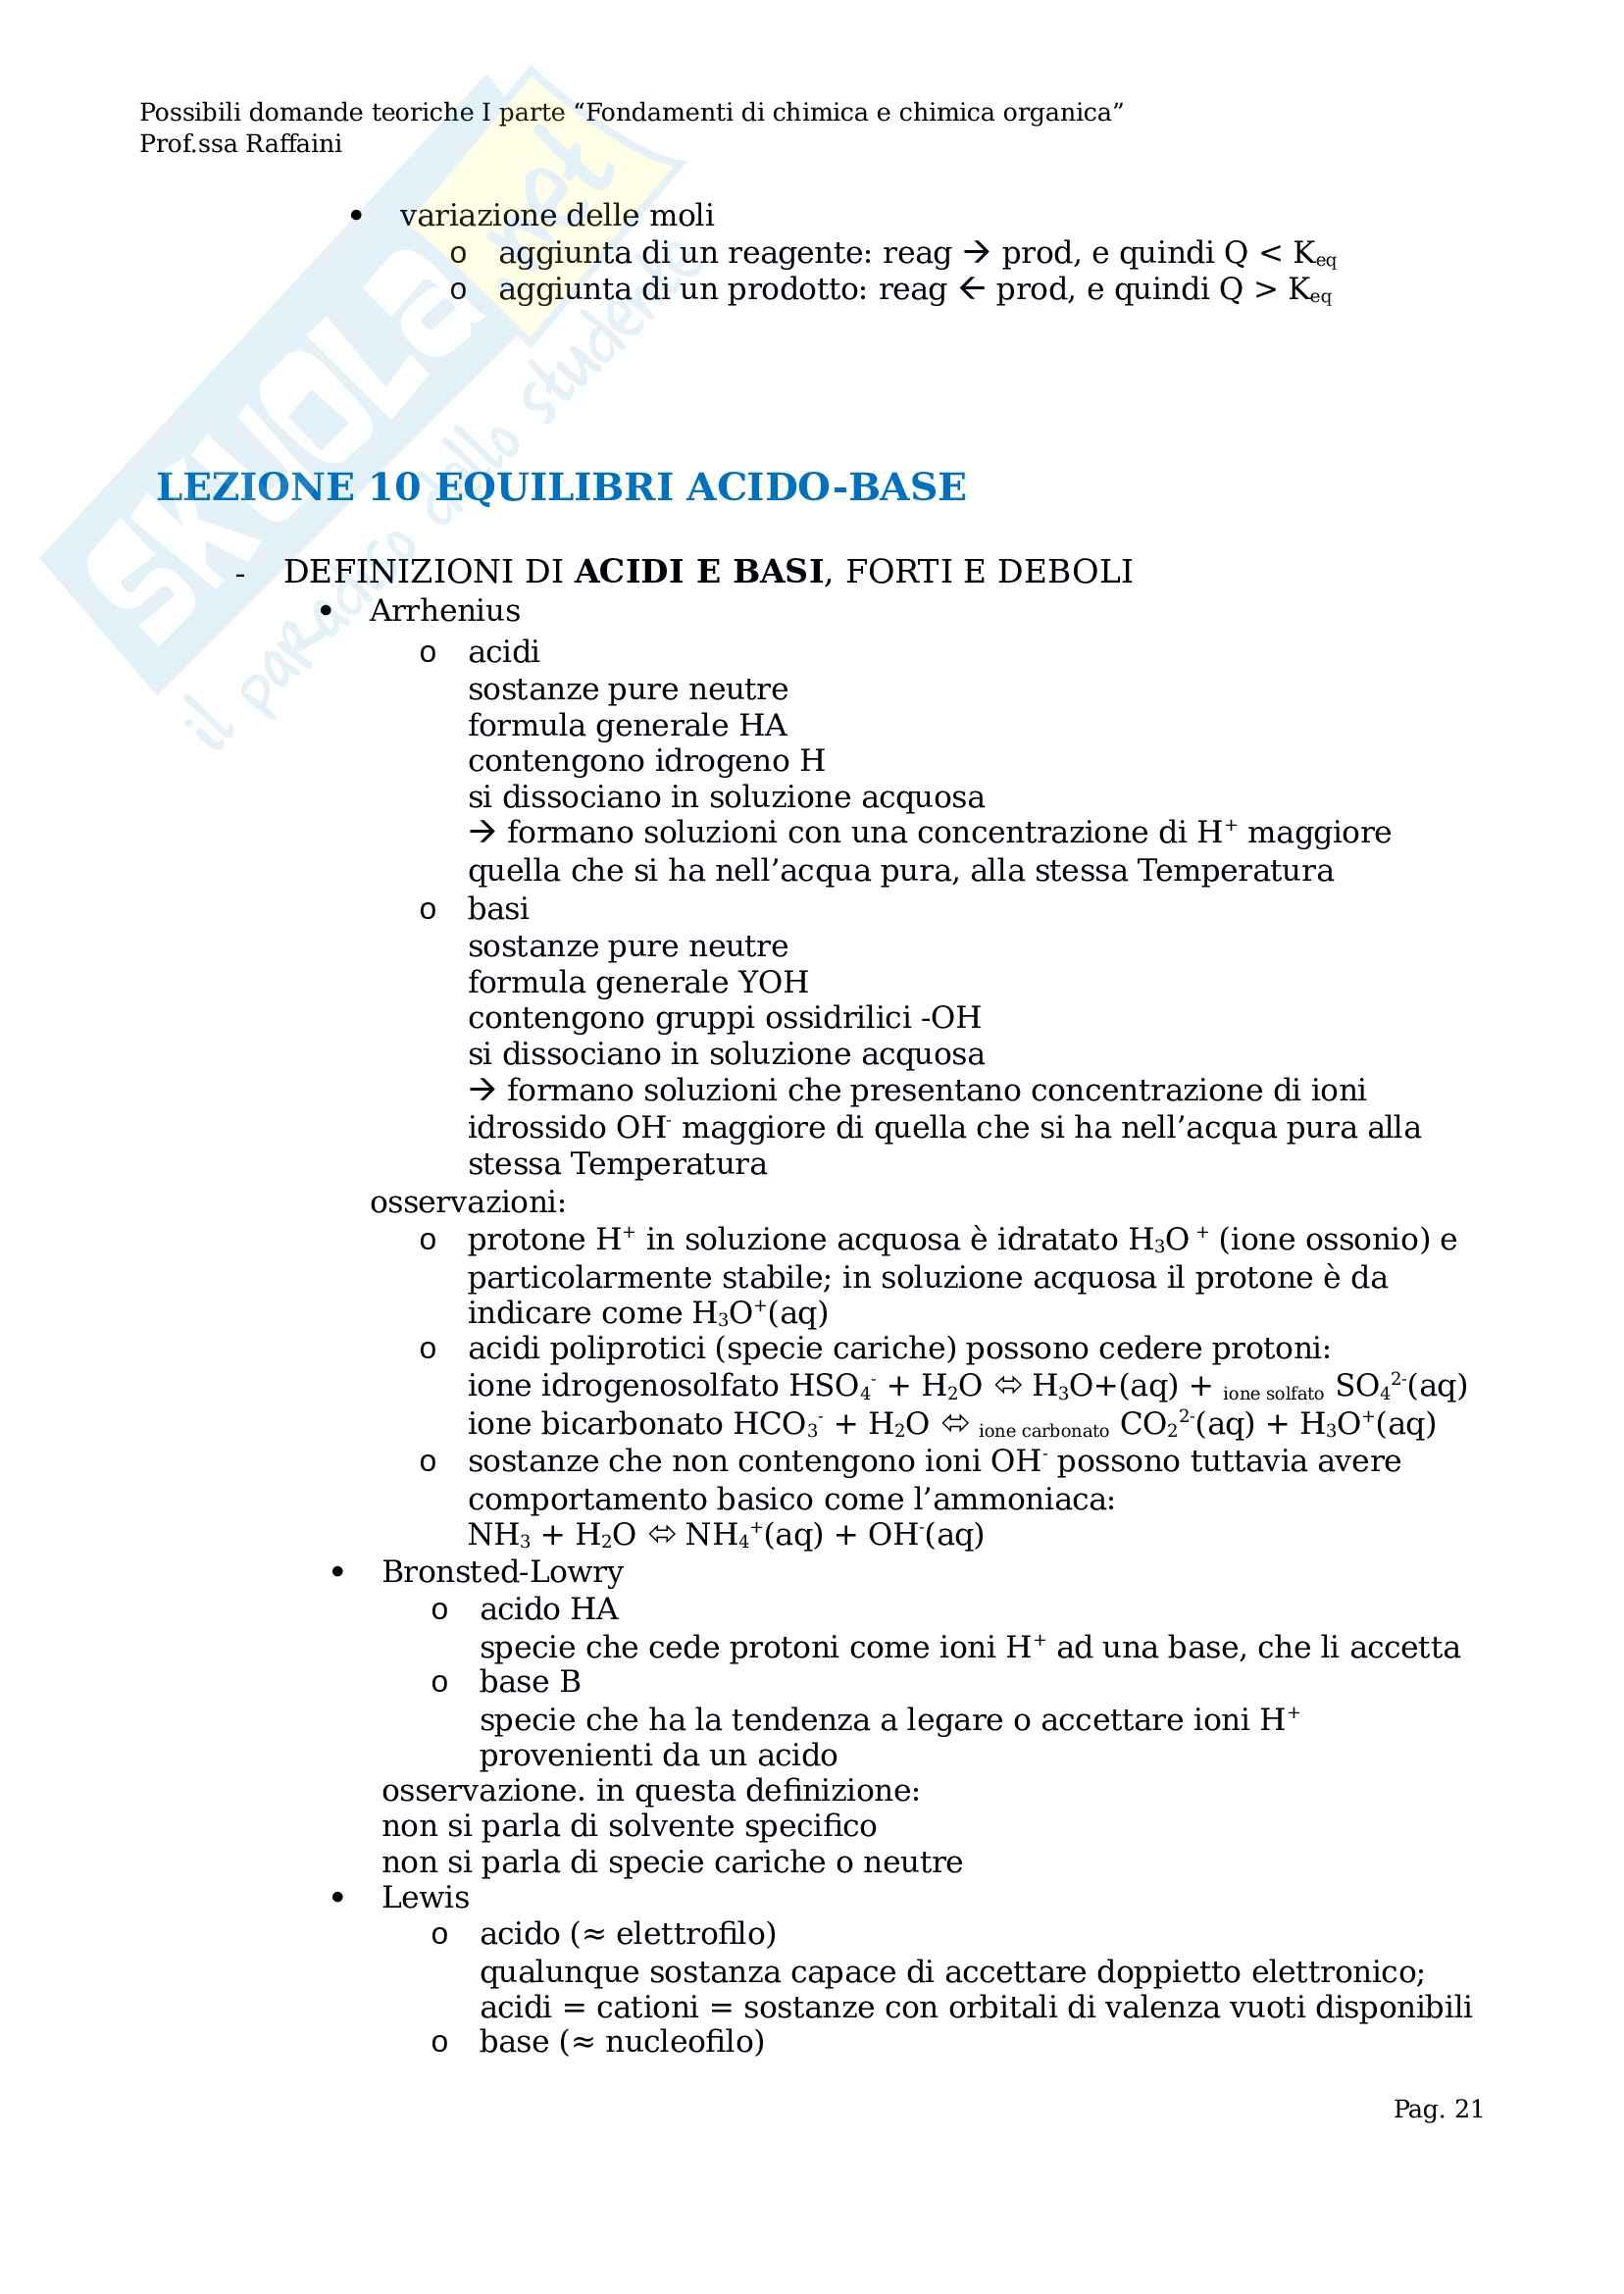 Riassunto esame Chimica Generale Pag. 21